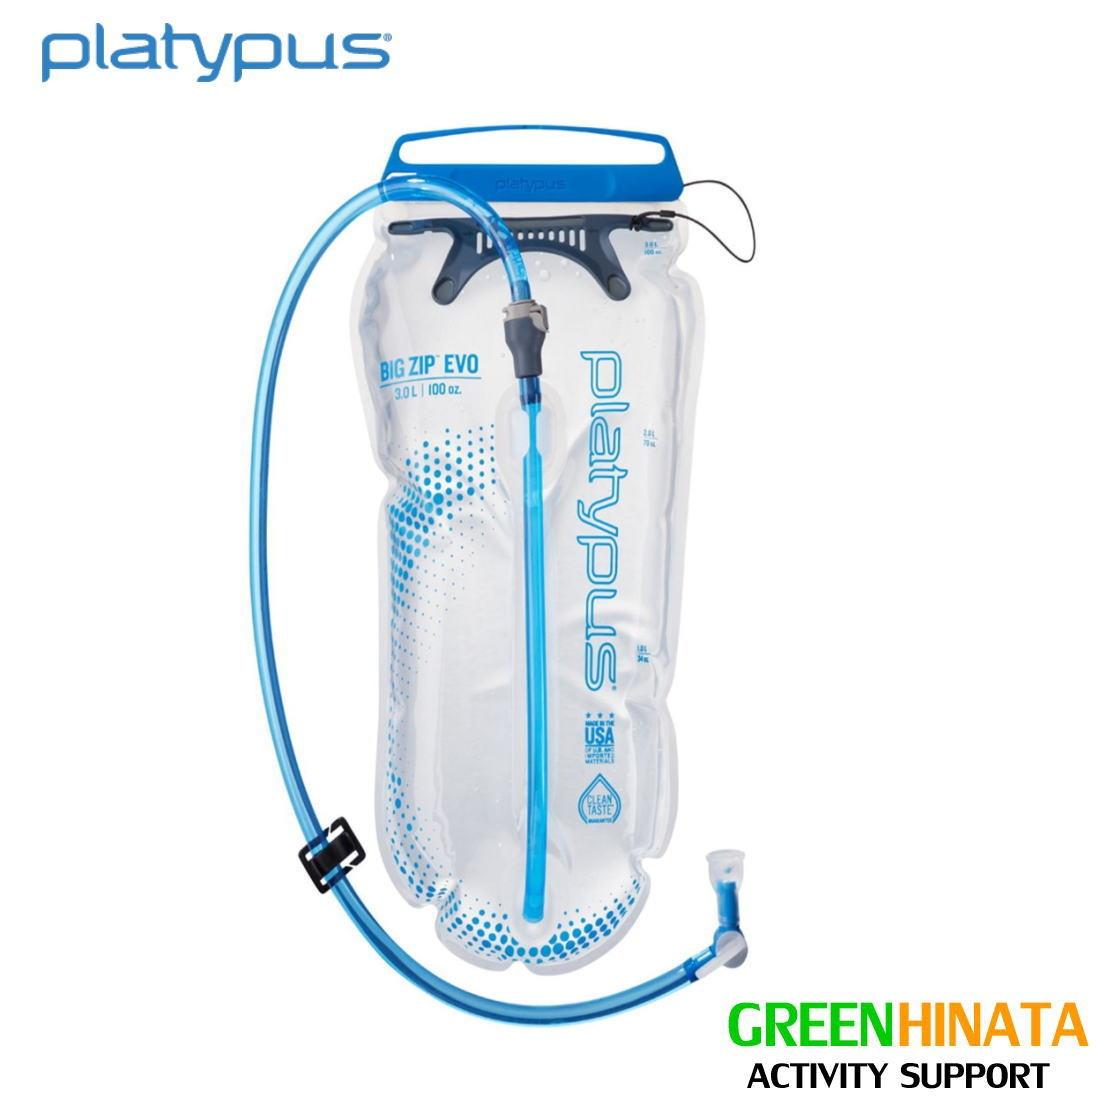 プラティパス ビッグジップEVO 3.0L バックパック用リザーバー水筒 ボトル ハイドレーション  国内正規品 25005